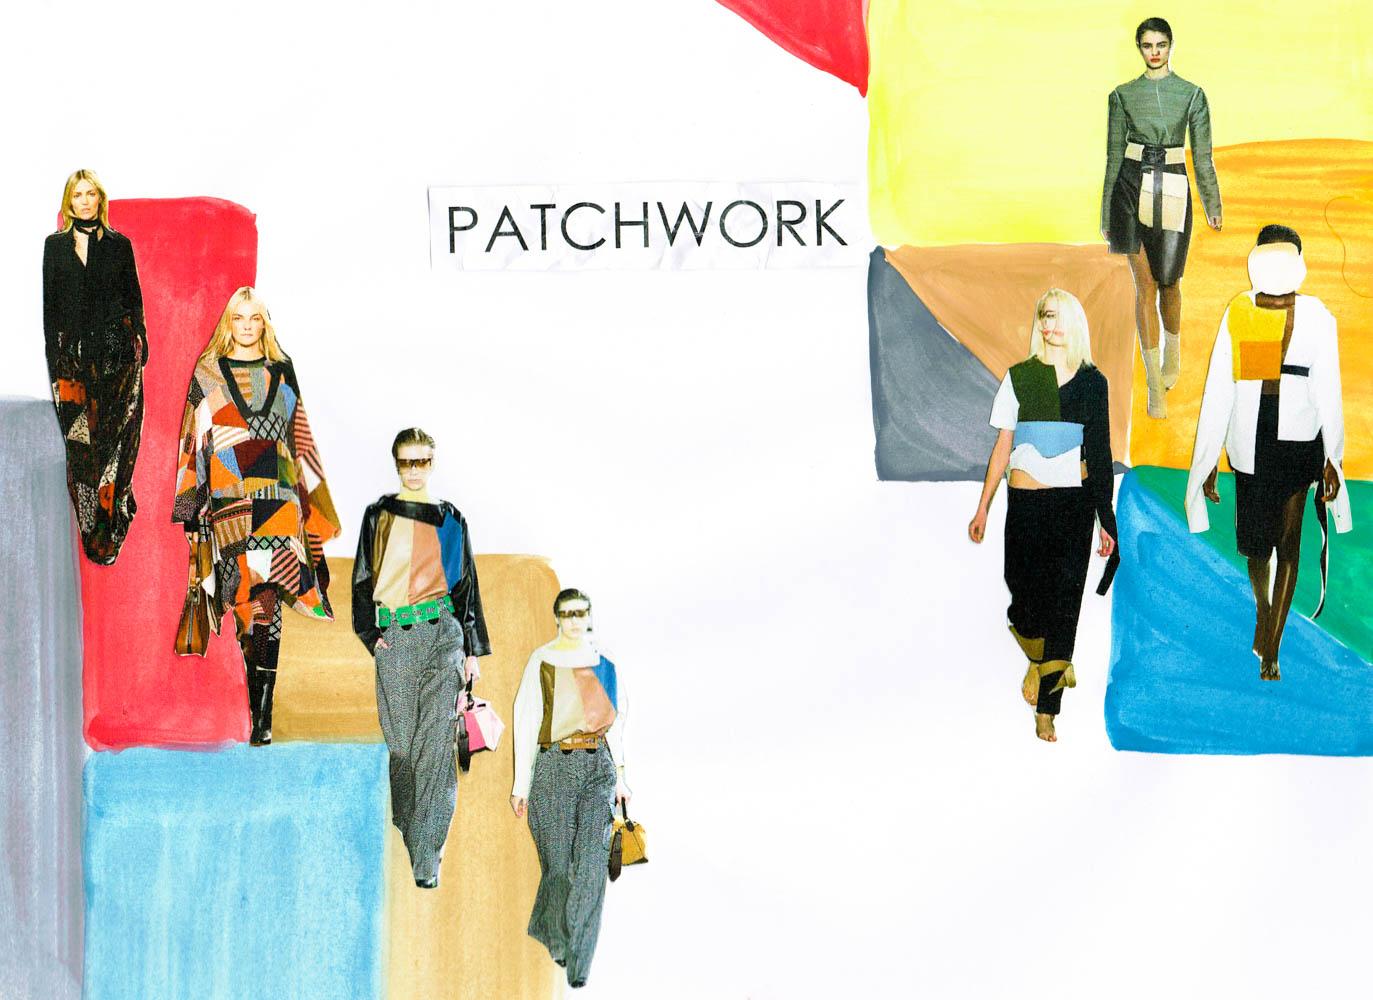 paris fashion week runway tendencies patchwork green suits-1